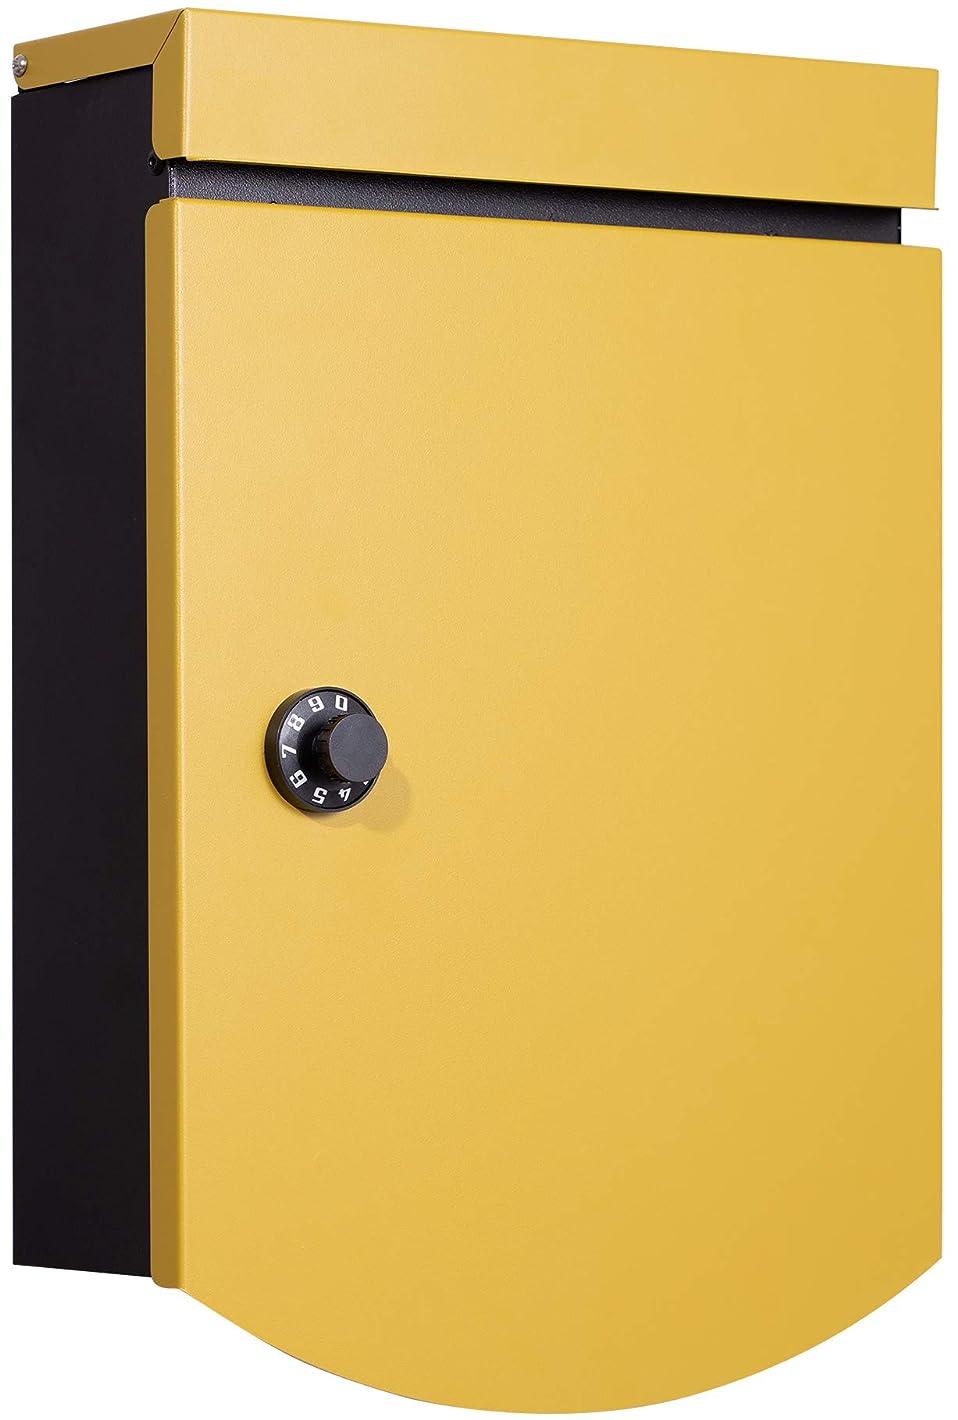 定刻決定する優遇カバポスト ポスト ダイヤル おしゃれポスト ポスト ダイヤル 郵便ポスト スイット ダイヤル錠 黄色 W18SUI